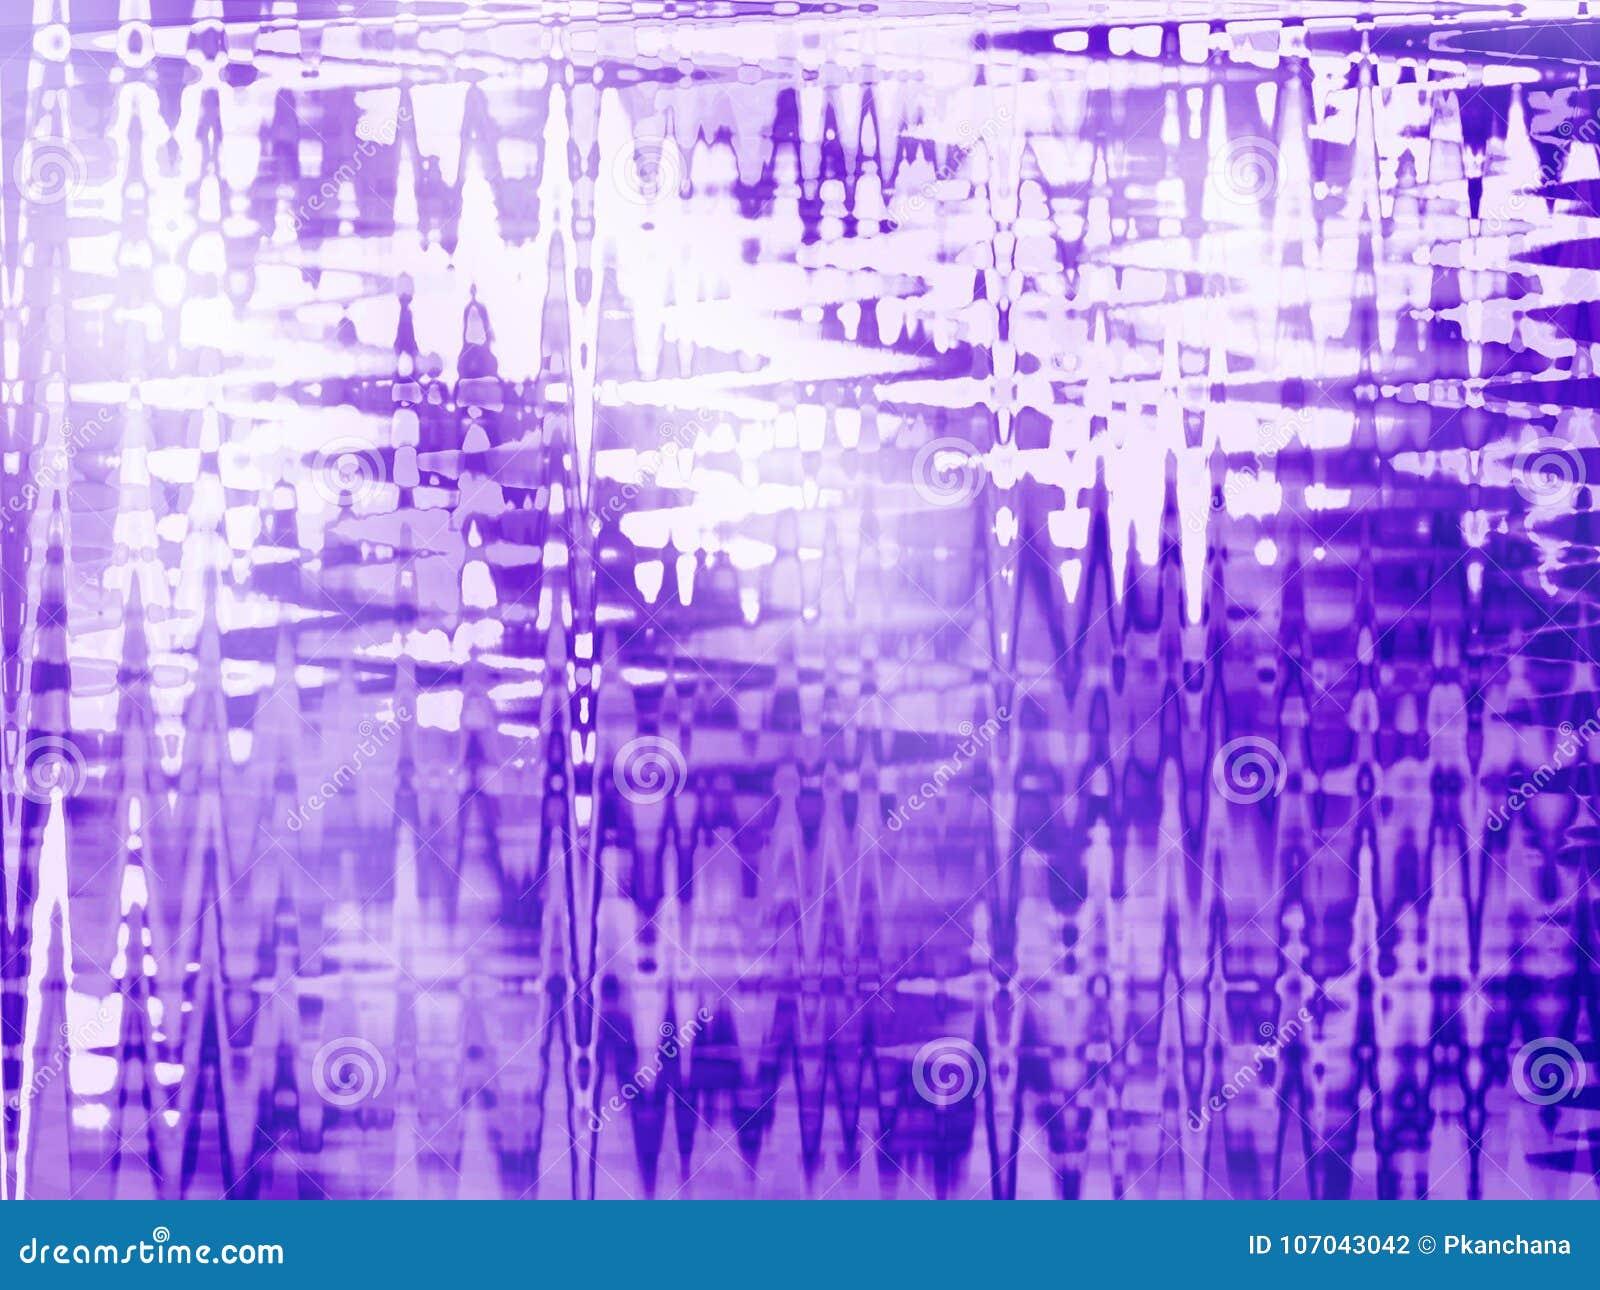 Fondo blured extracto con el modelo de onda